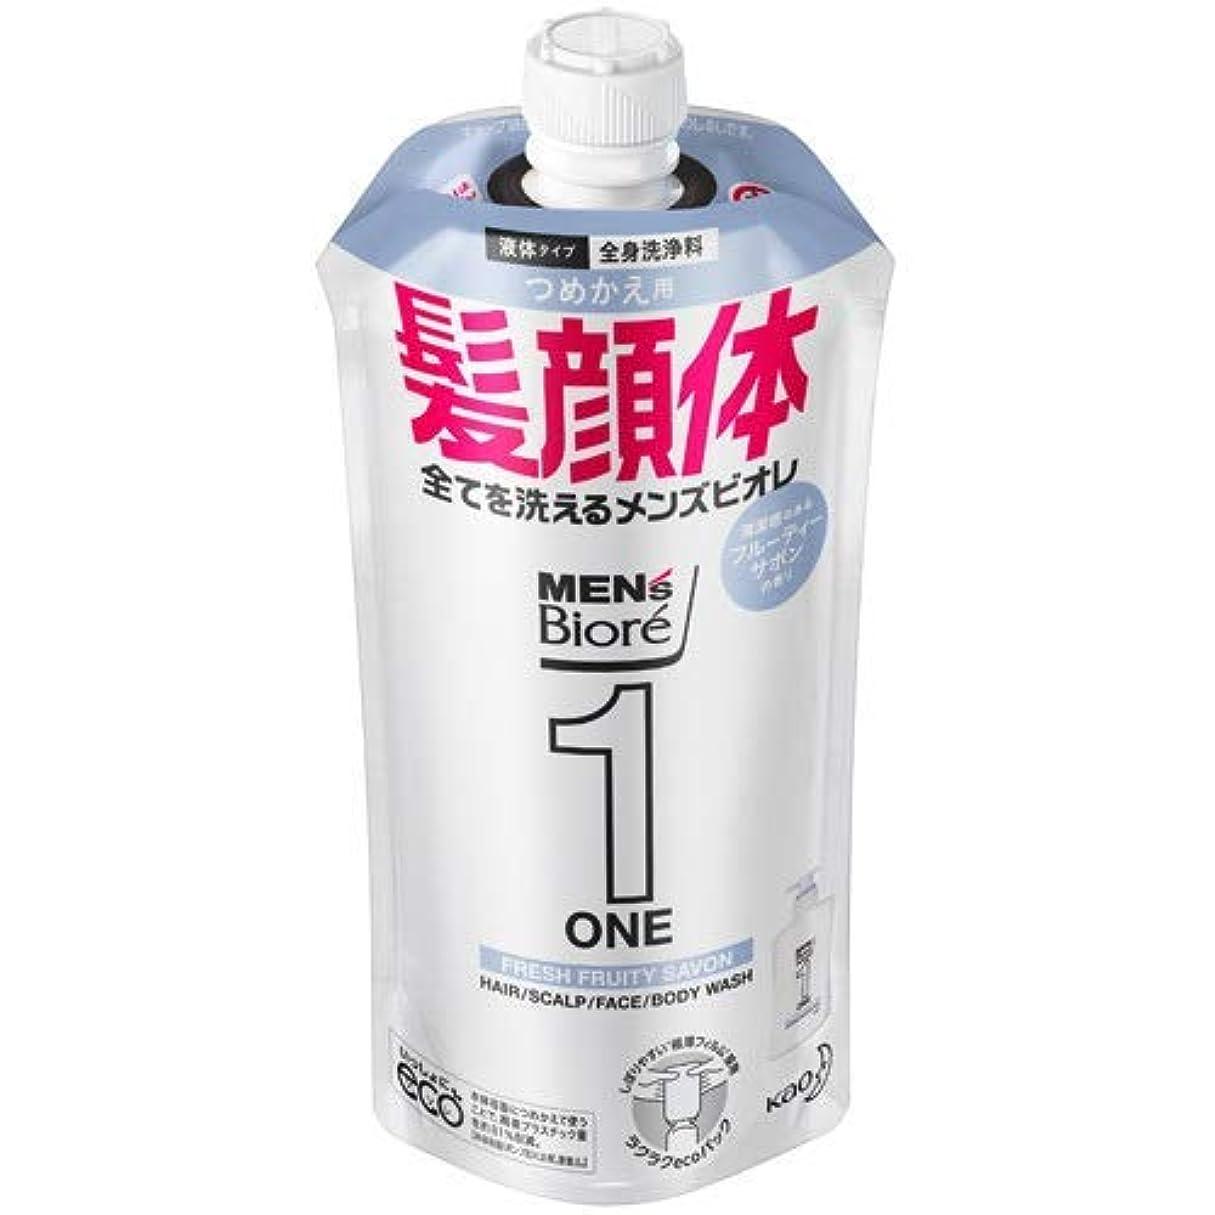 釈義管理します重力【10個セット】メンズビオレONE オールインワン全身洗浄料 清潔感のあるフルーティーサボンの香り つめかえ用 340mL